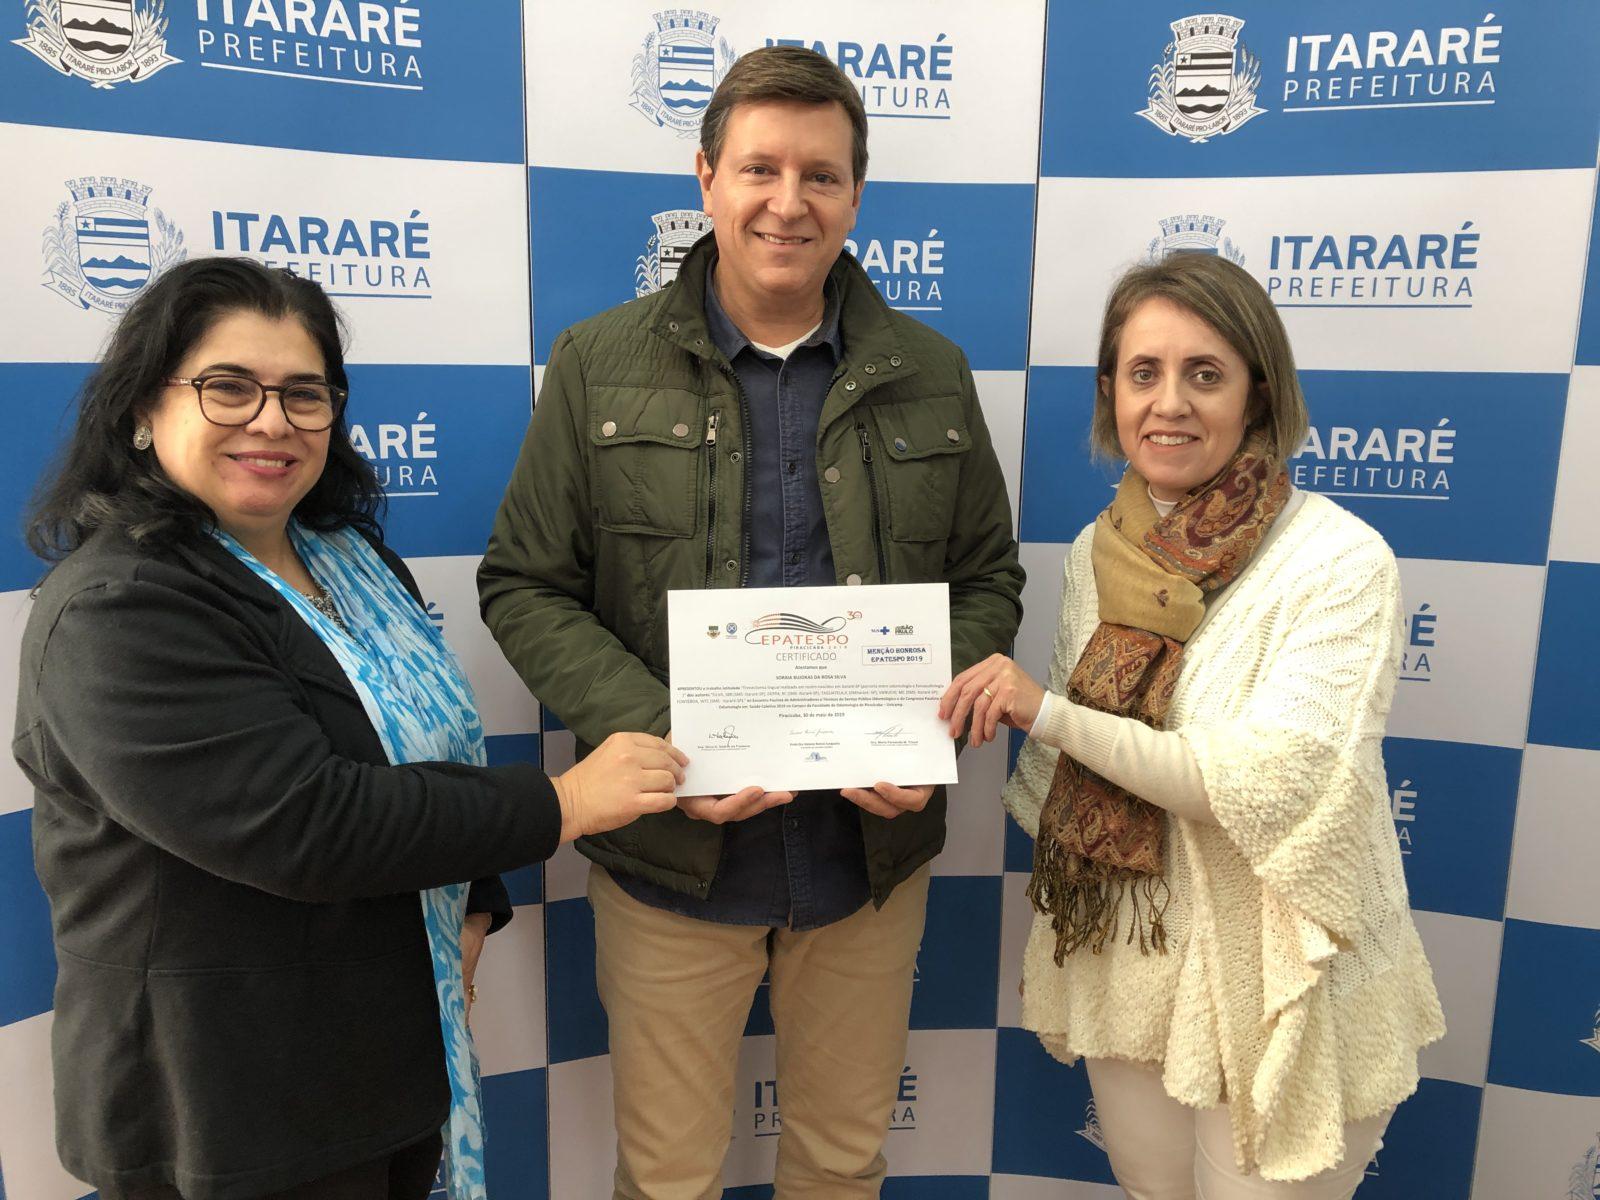 Prefeitura de Itararé (SP) recebe menção honrosa em encontro estadual de Saúde